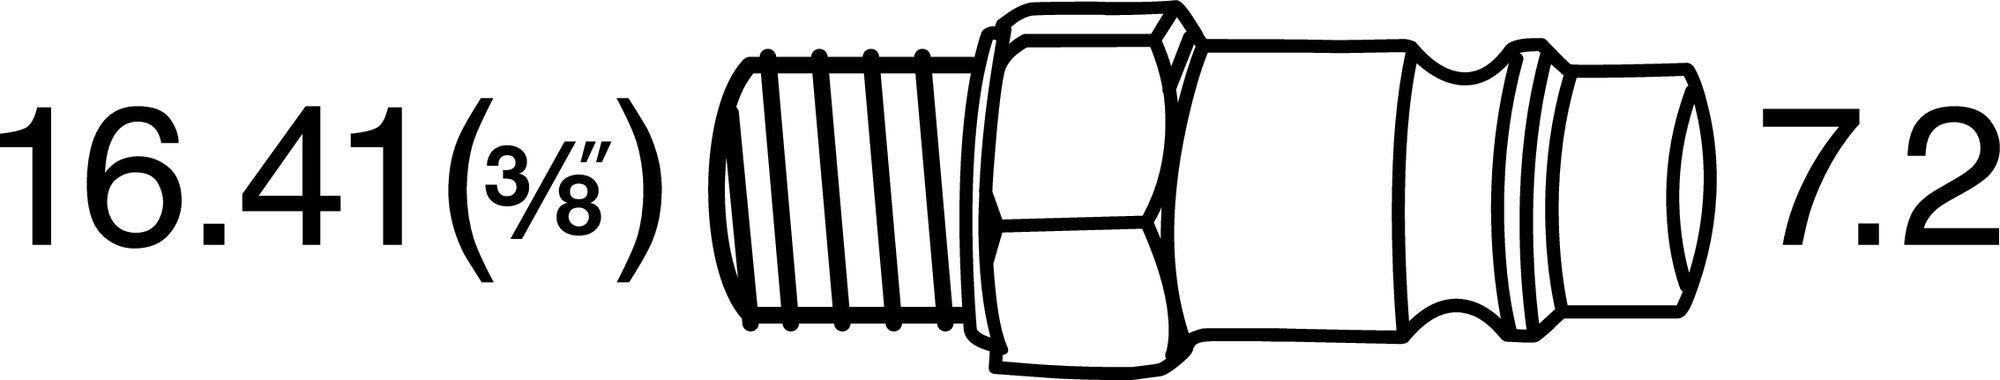 HAZET Schlagschrauber ∙ extra kurz 9012MT ∙ Lösemoment maximal: 1400 Nm ∙ Vierkant massiv 12,5 mm (1/2 Zoll)